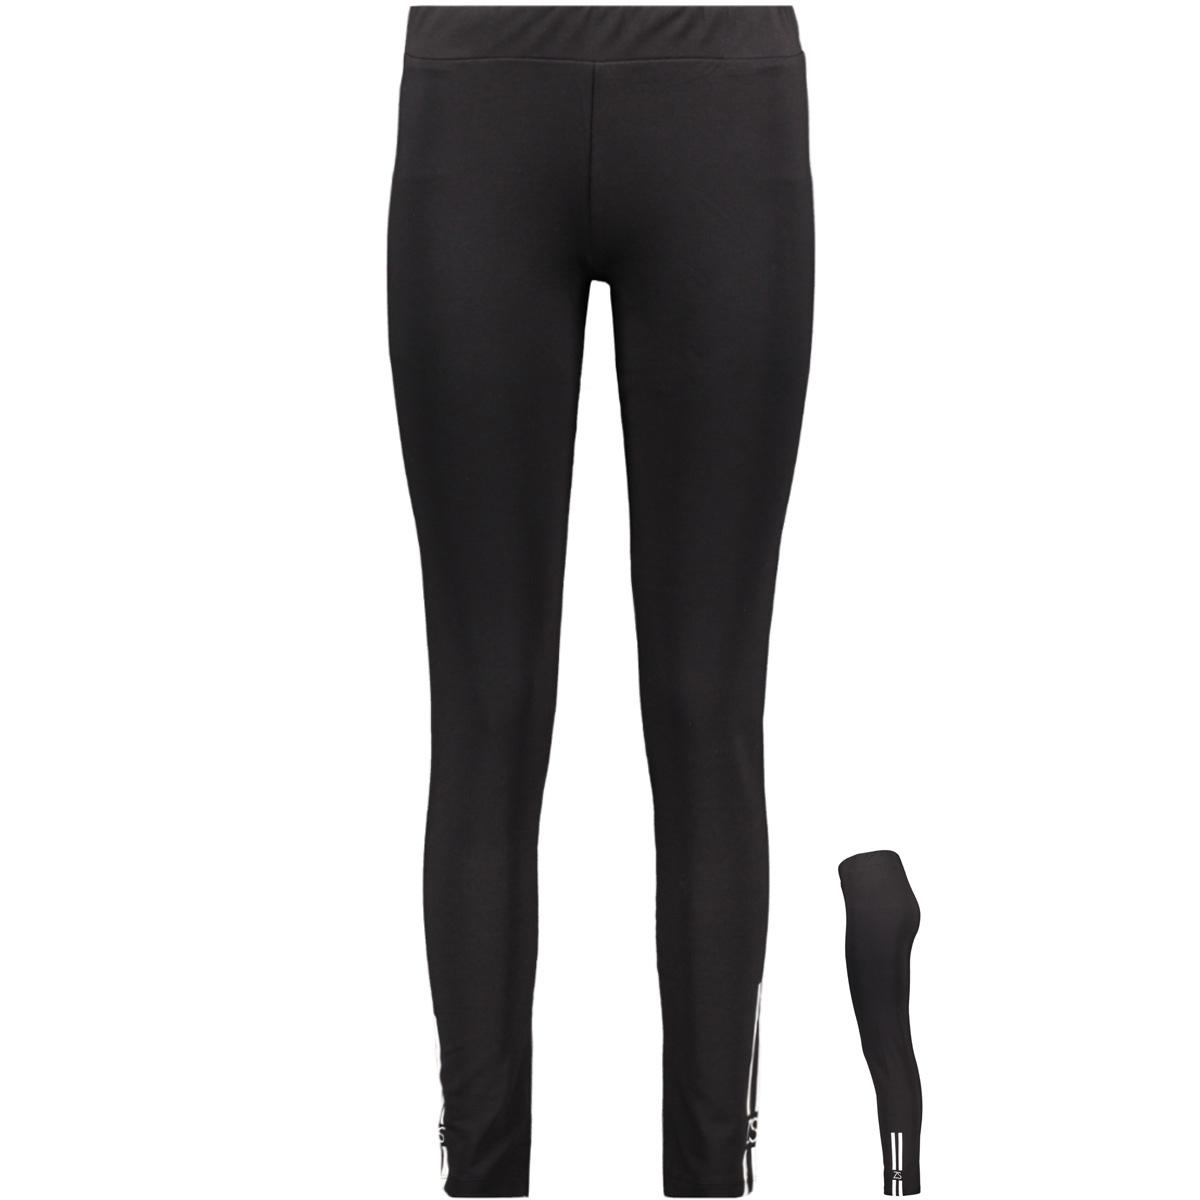 fame tight pant zoso legging black/off white